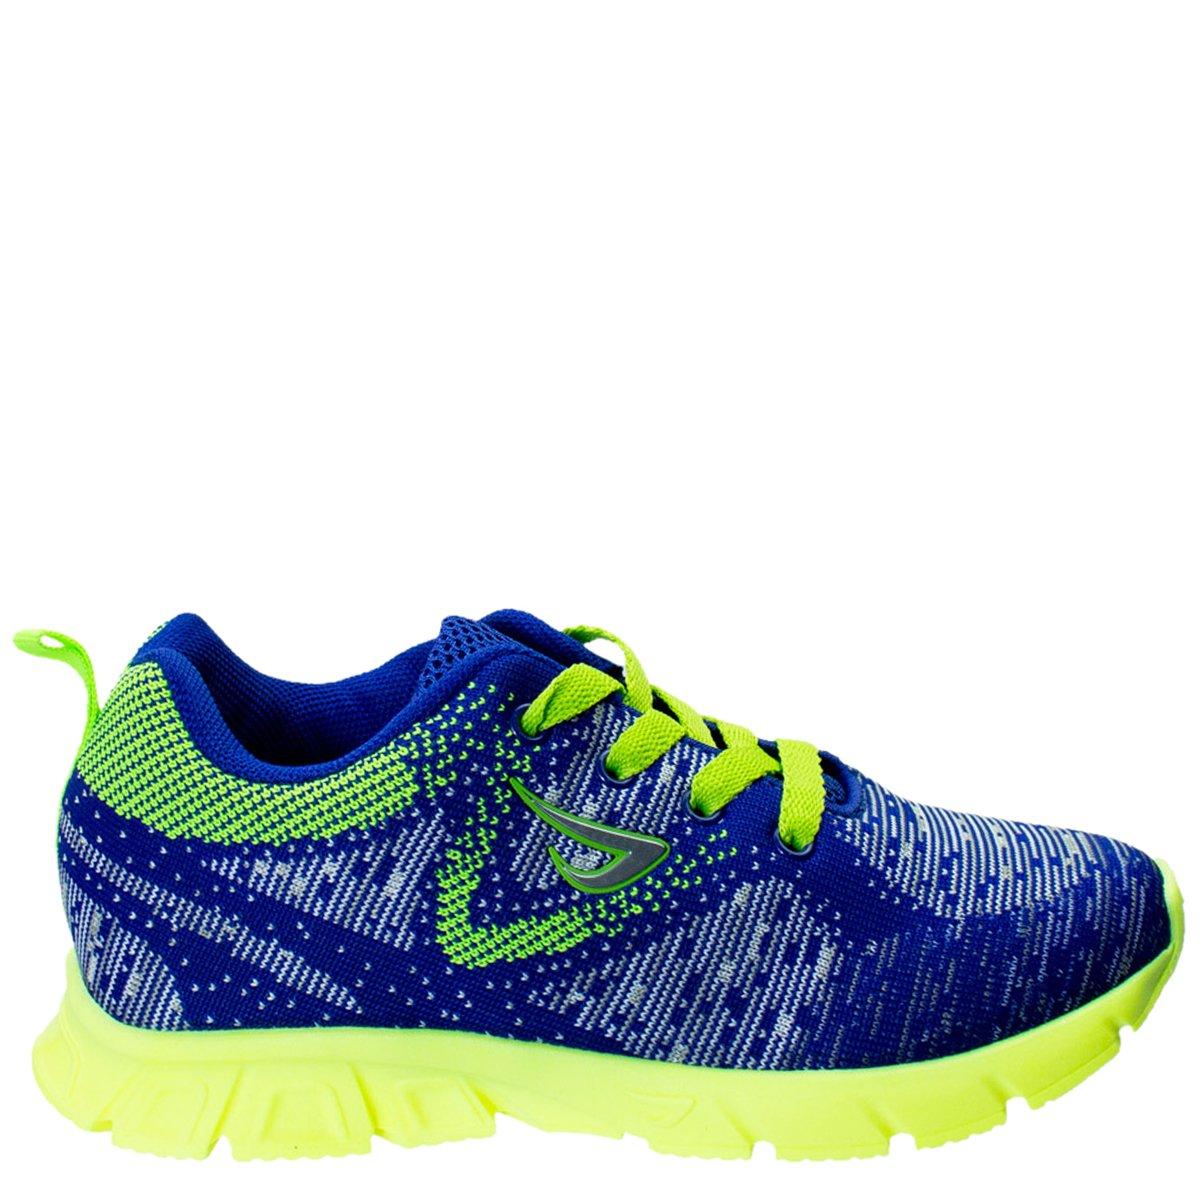 3a10235d907 Bizz Store - Tênis Infantil Menino Ortopé Jogging